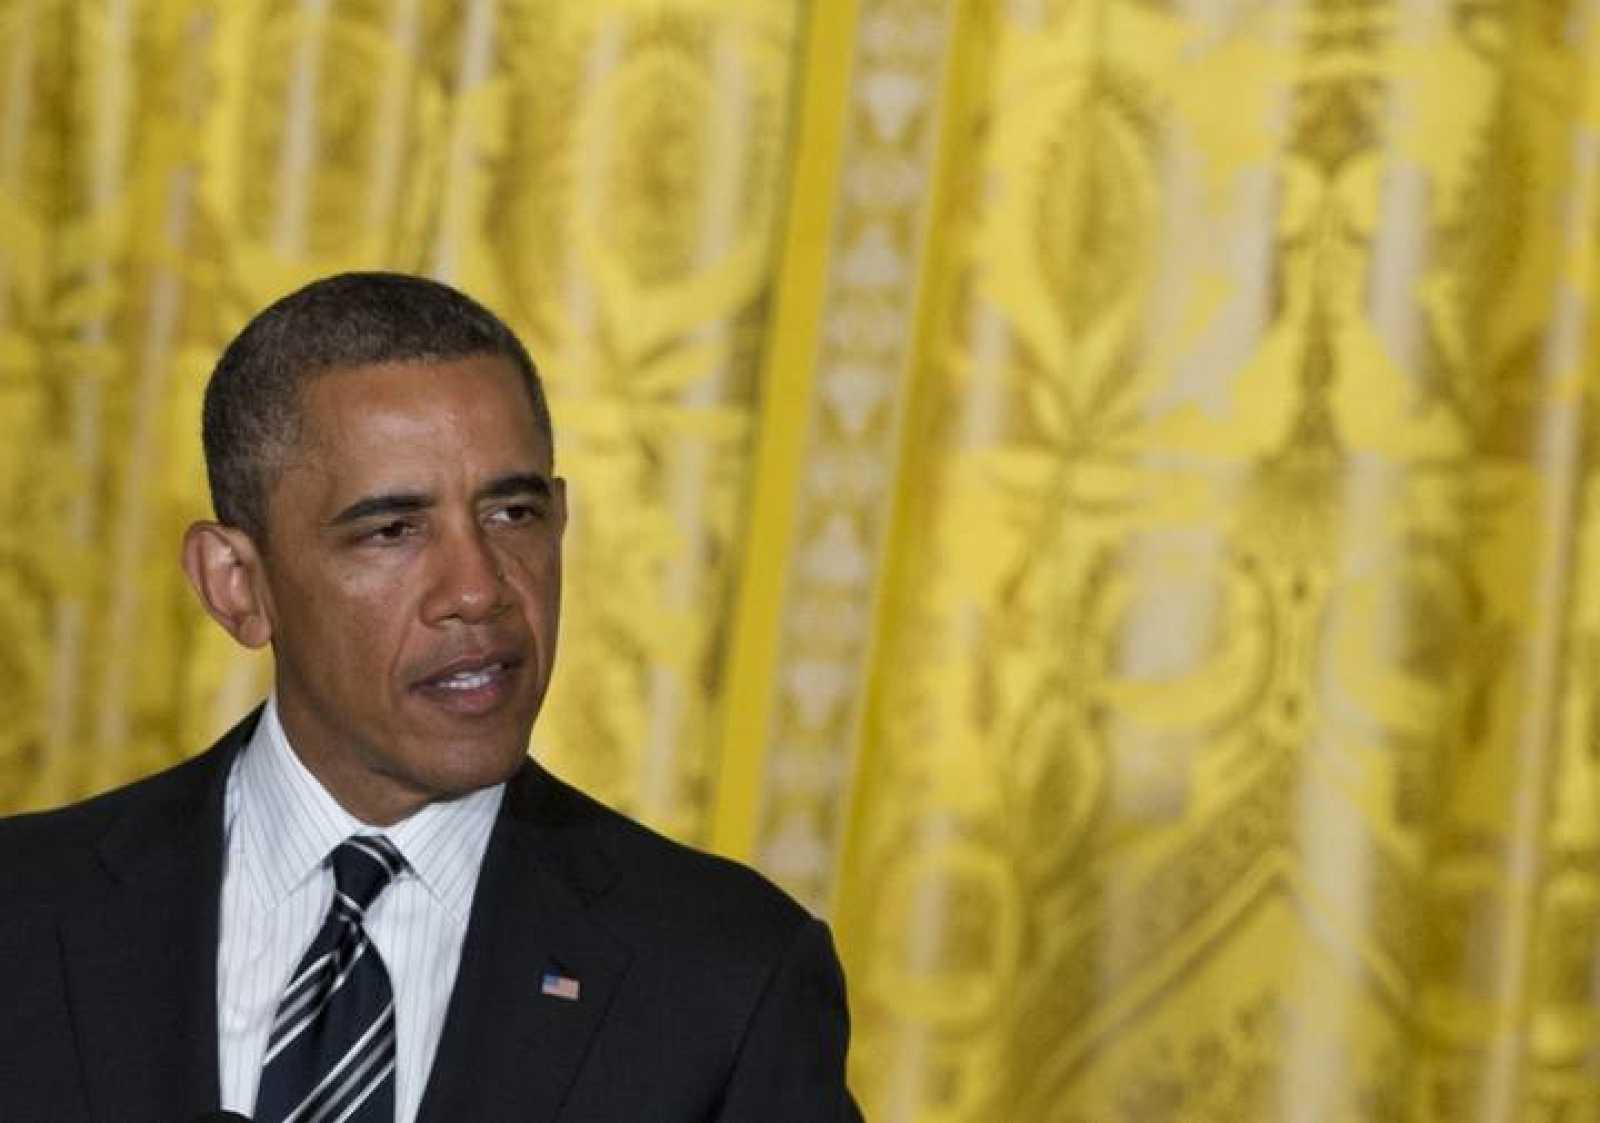 El presidente de EE.UU., Barack Obama, durante un acto en la Casa Blanca, el 13 de junio